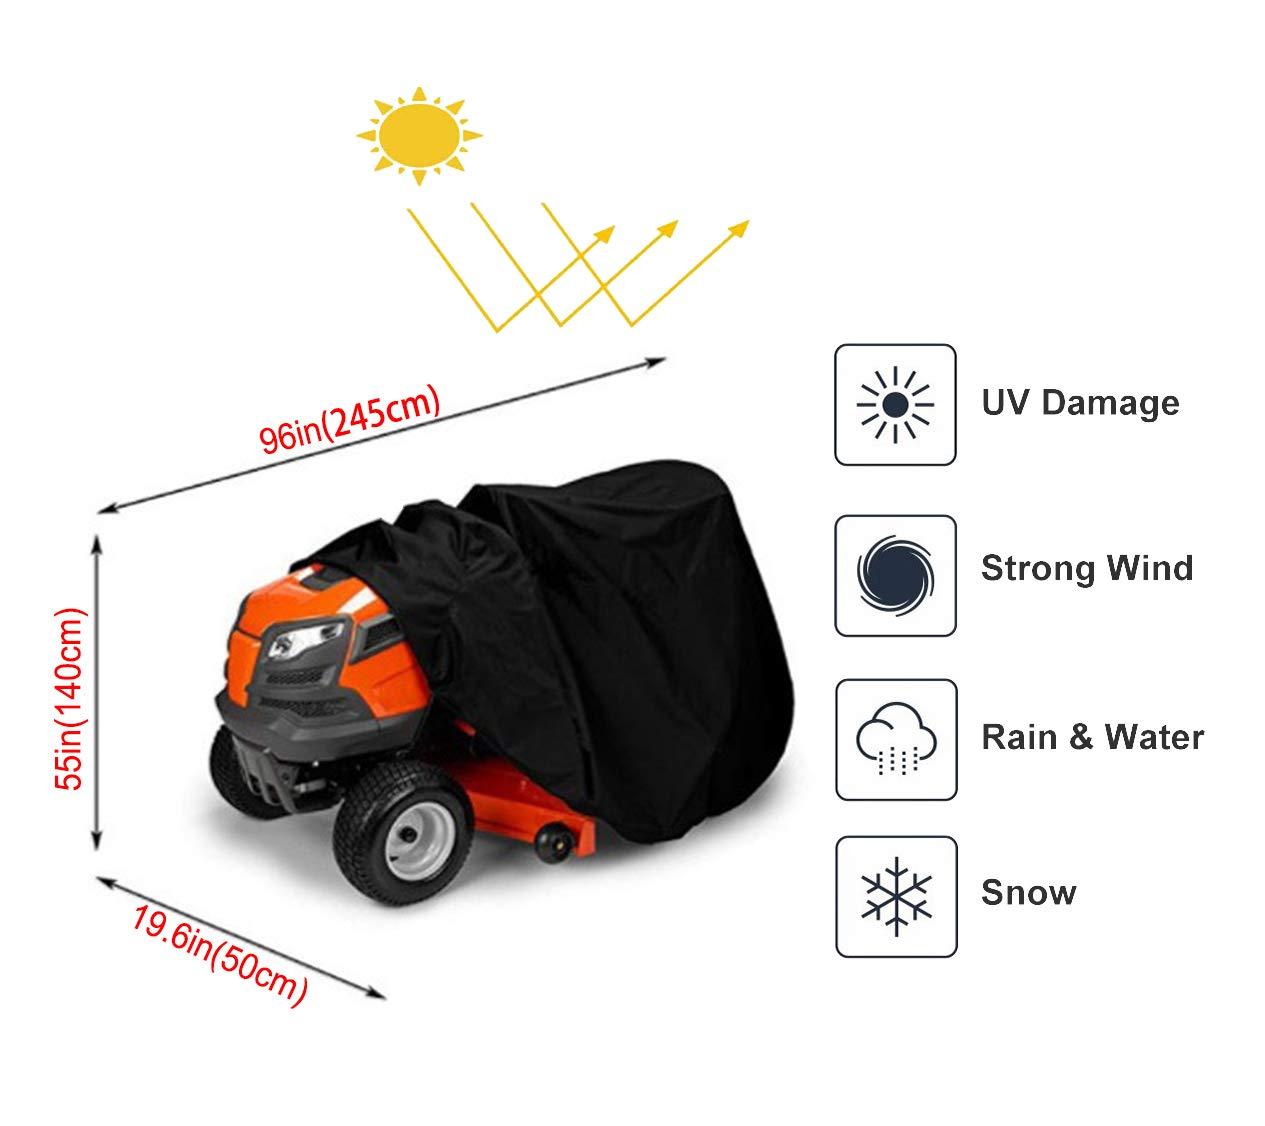 a prueba de polvo para funda de protecci/ón tela Oxford impermeable para uso pesado cubierta para tractores de c/ésped resistente al agua y a los rayos UV Cubierta para cortac/ésped